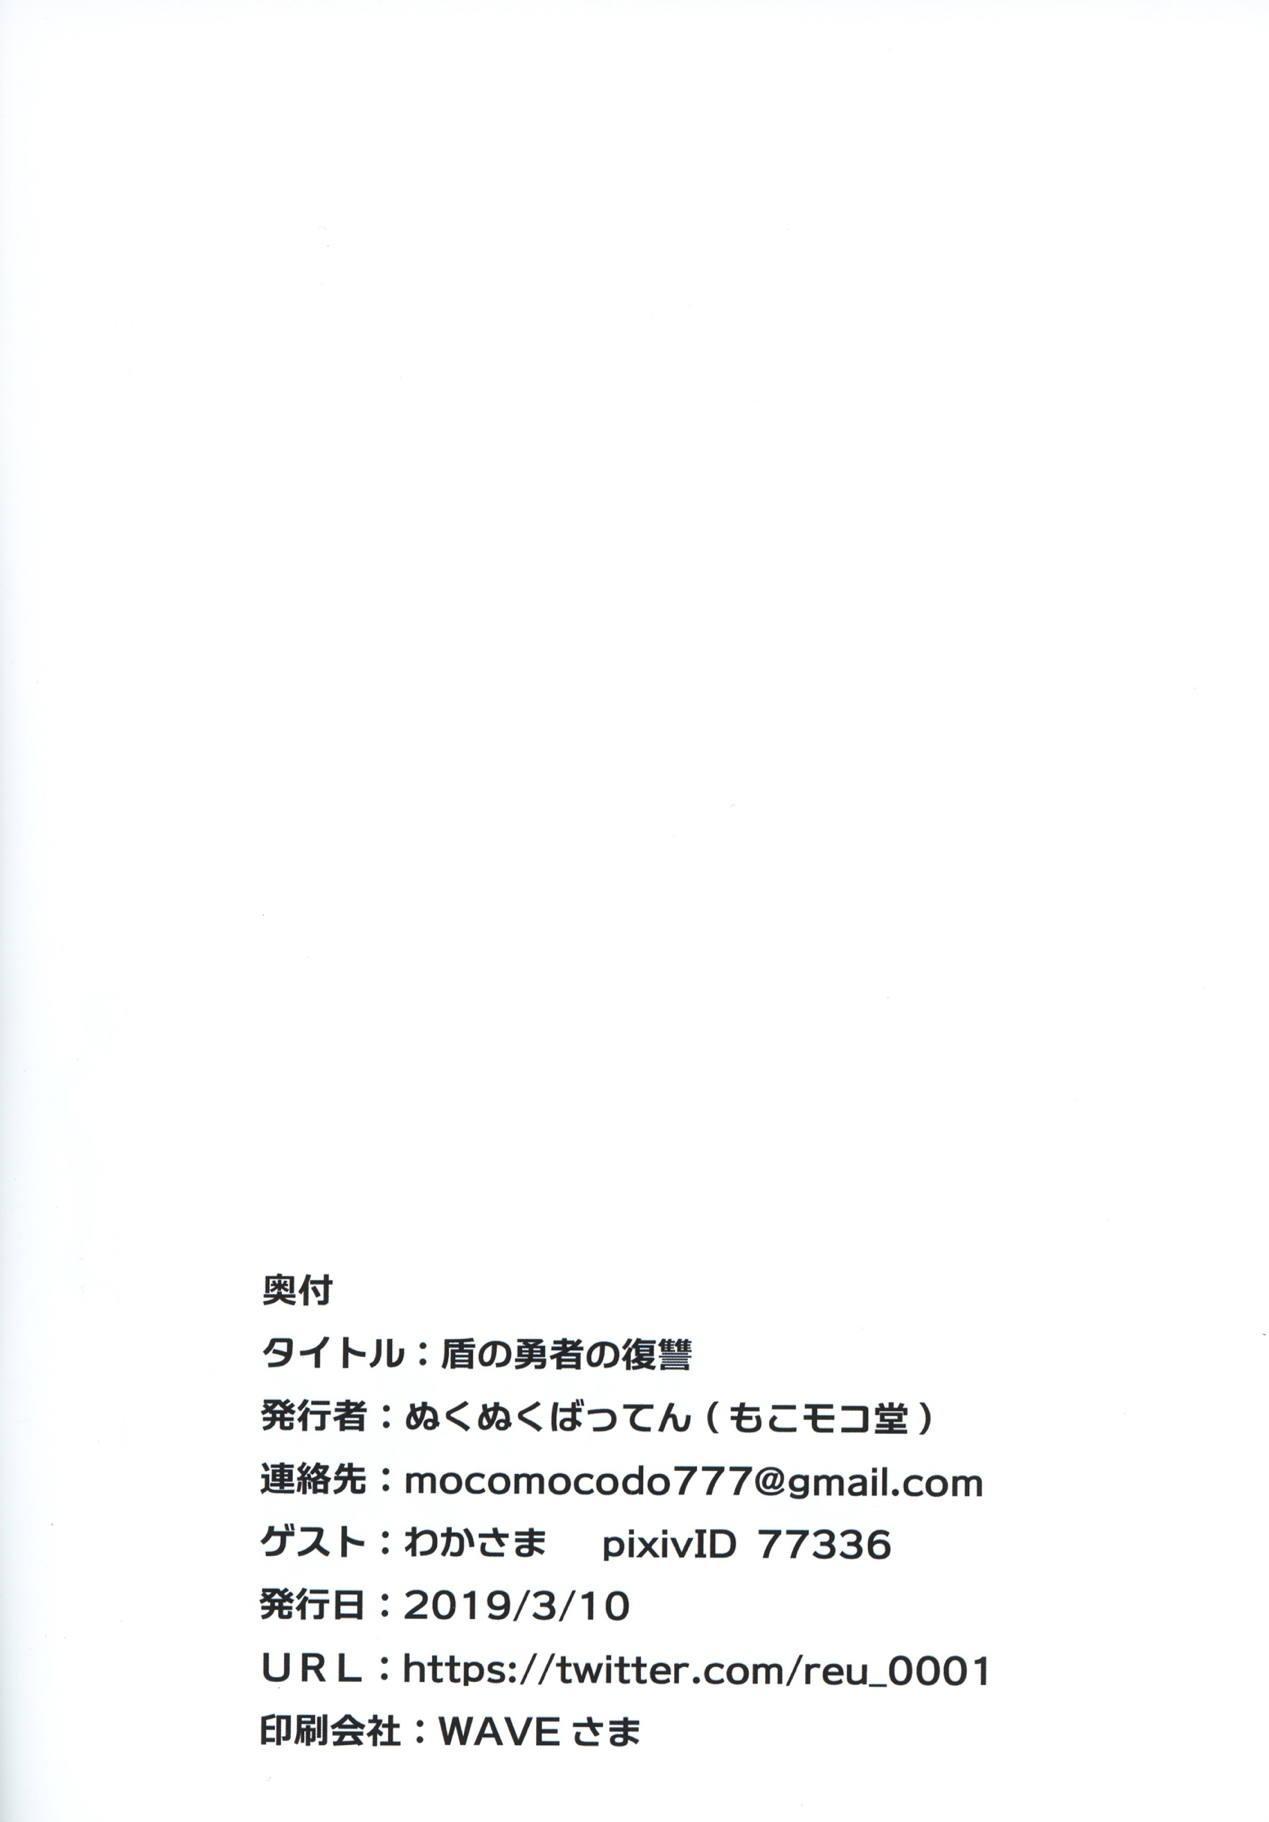 Tate no Yuusha no Fukushuu | Restoration of The Hero of The Shield 13